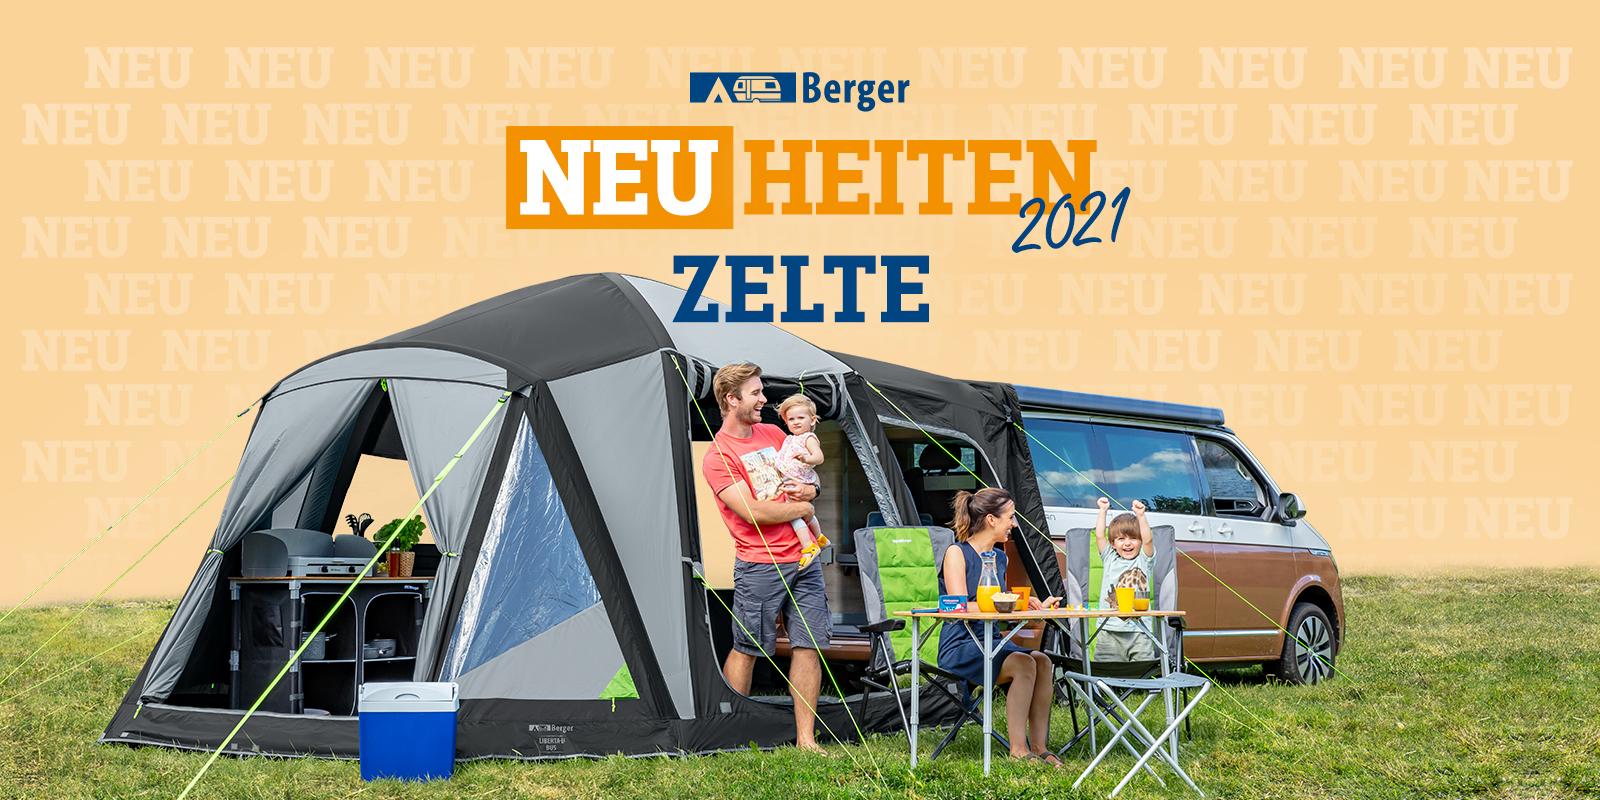 <span>Berger Neuheiten 2021: (Vor)-Zelte</span>